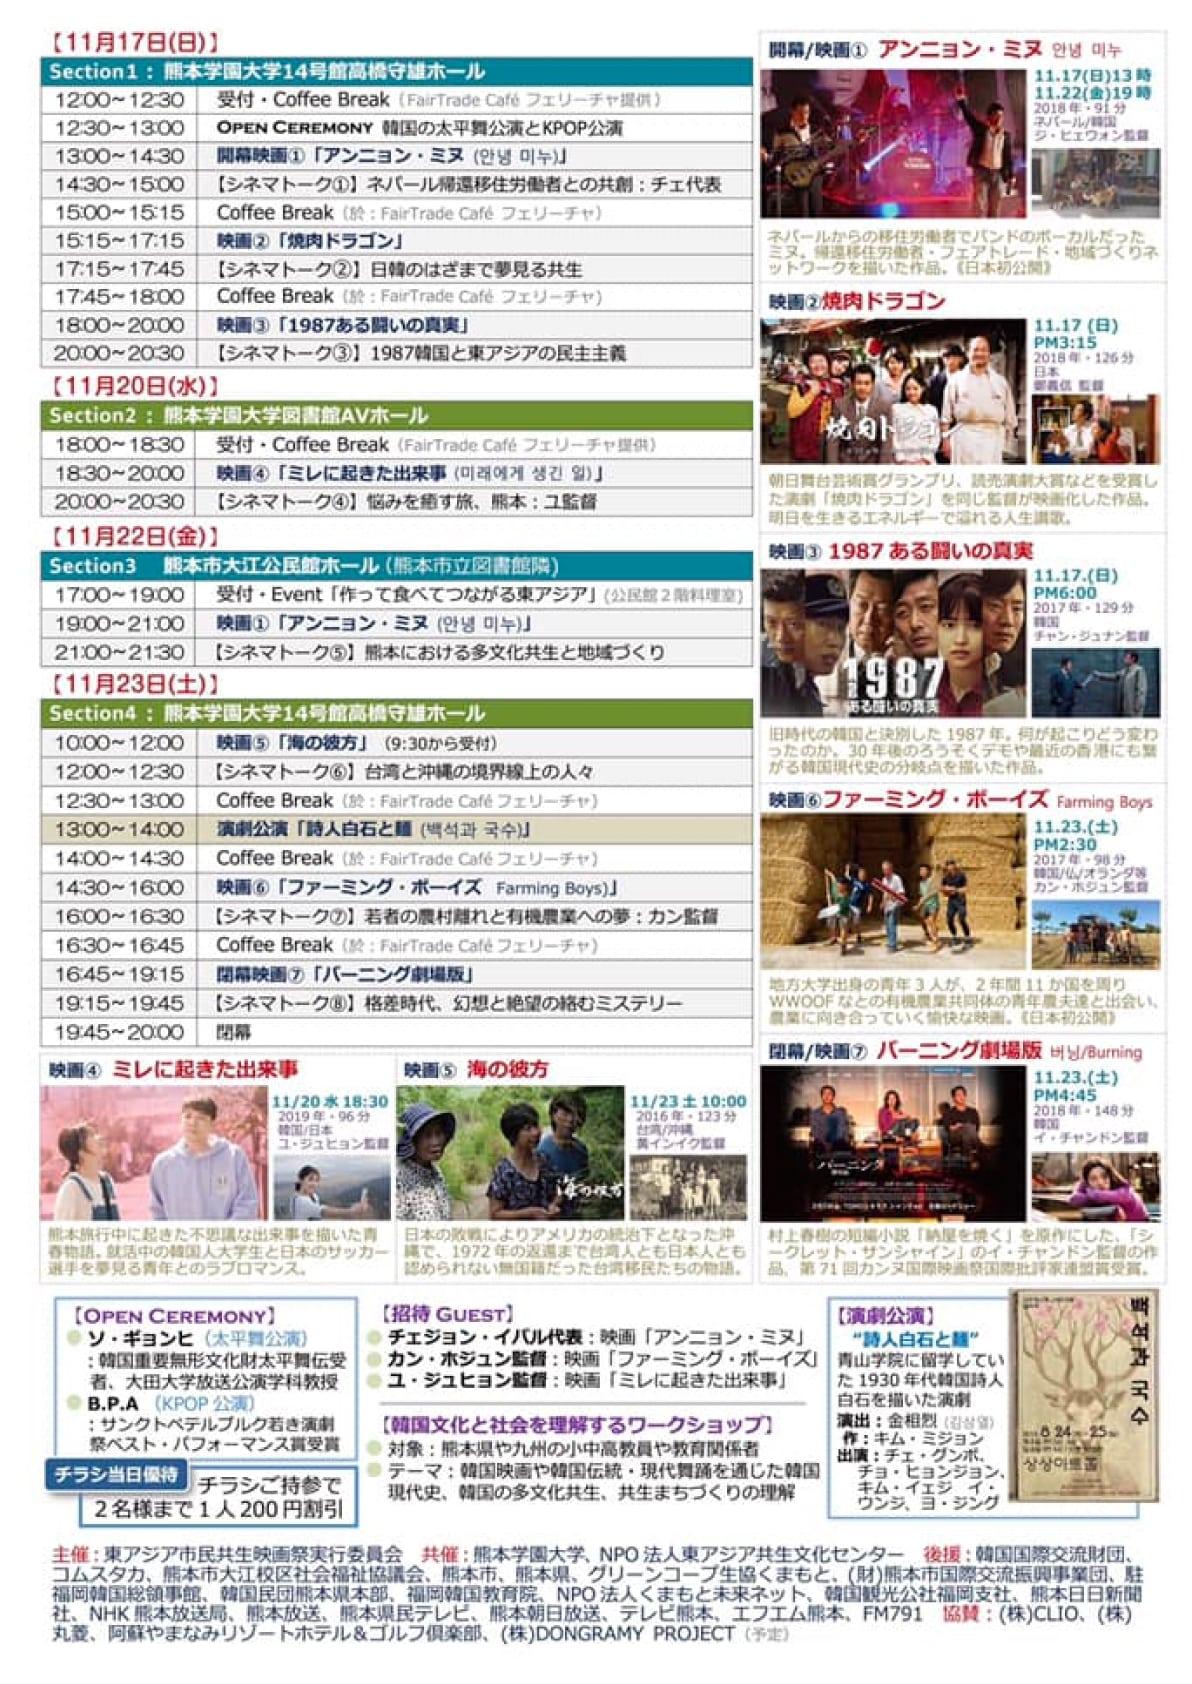 東アジア市民共生映画祭チラシ2